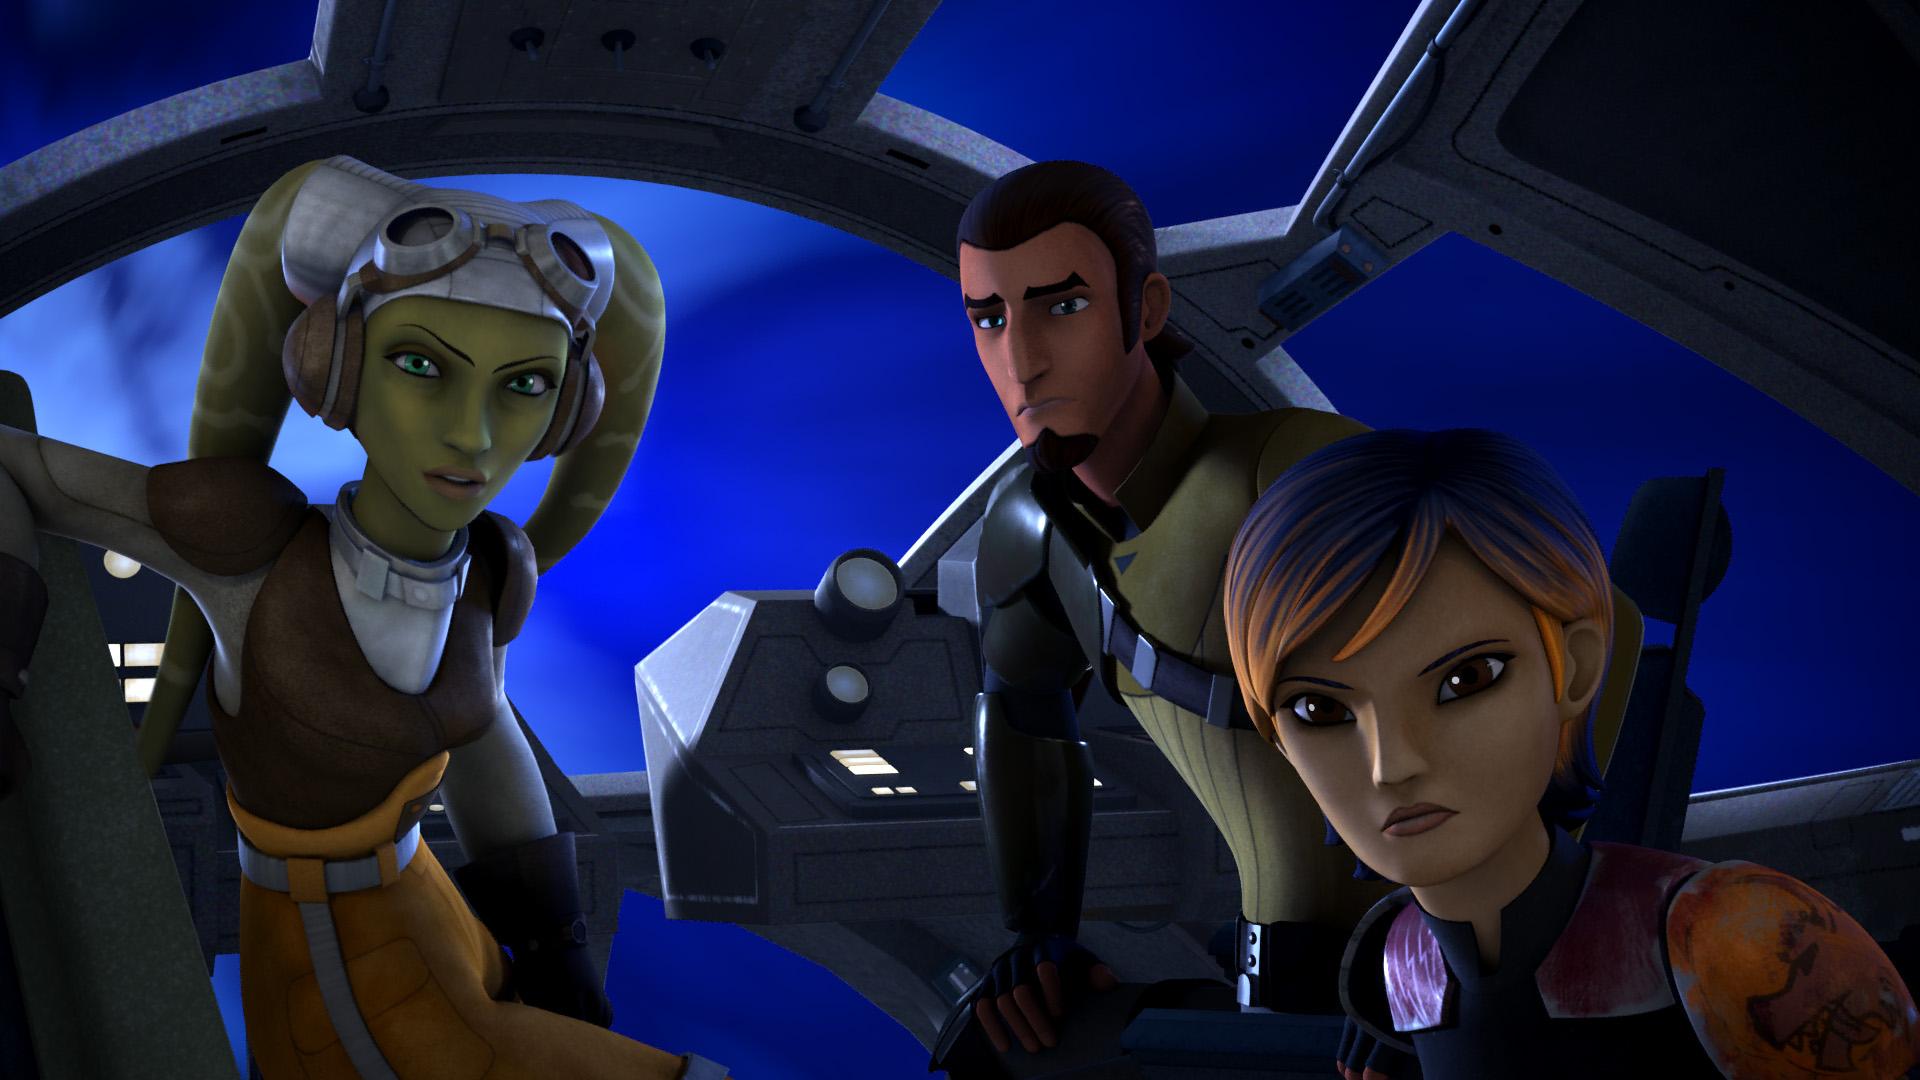 Star Wars Animationsserie